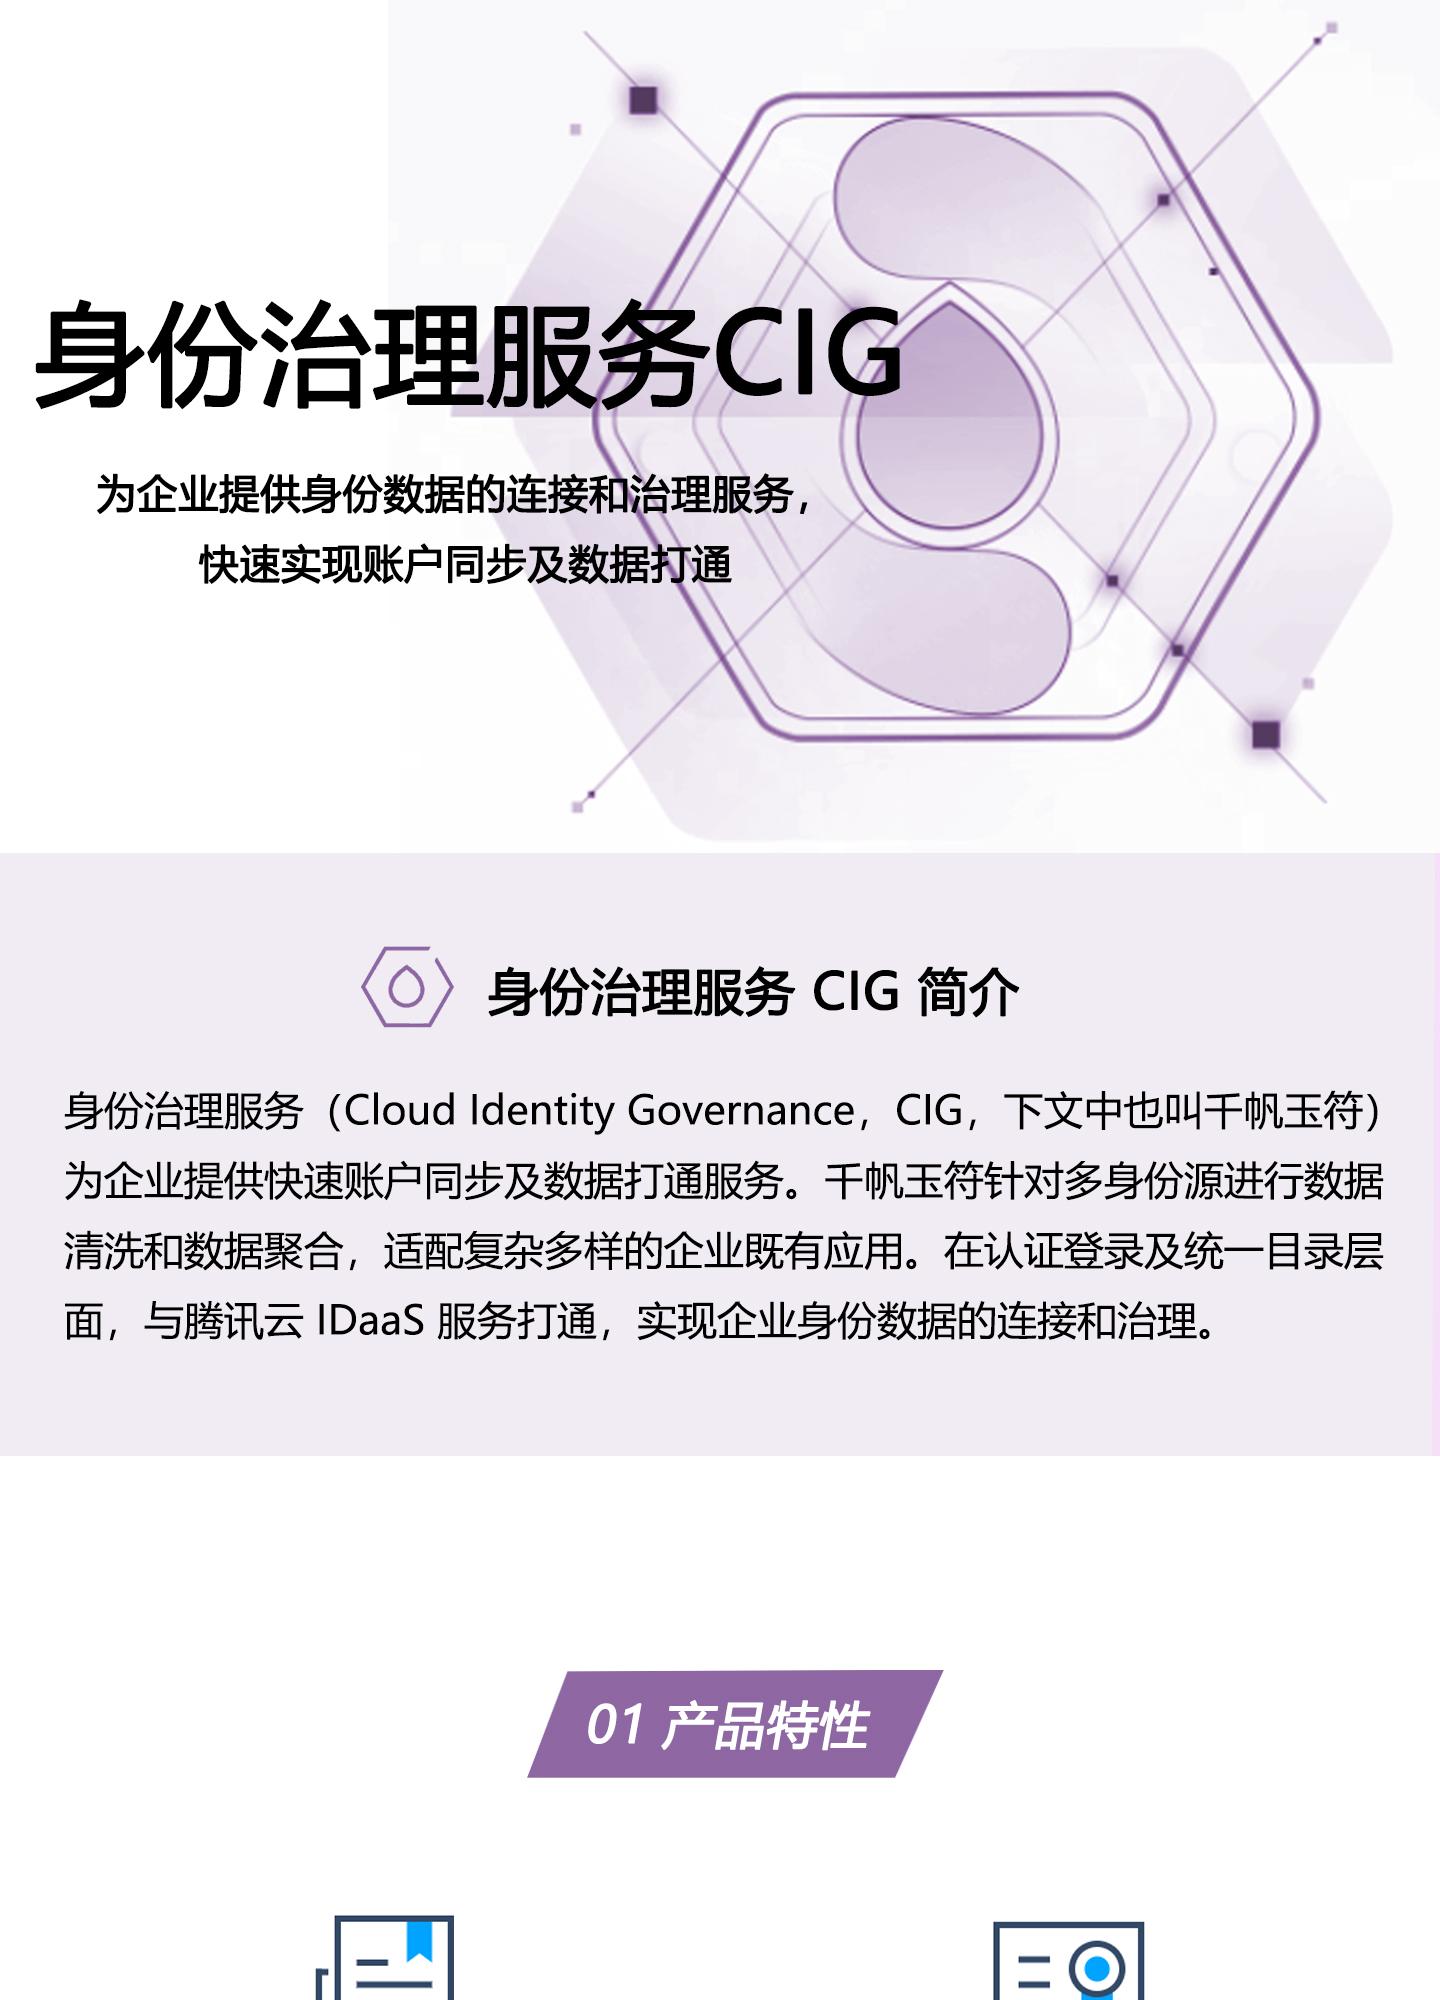 身份治理服务CIG1440_01.jpg